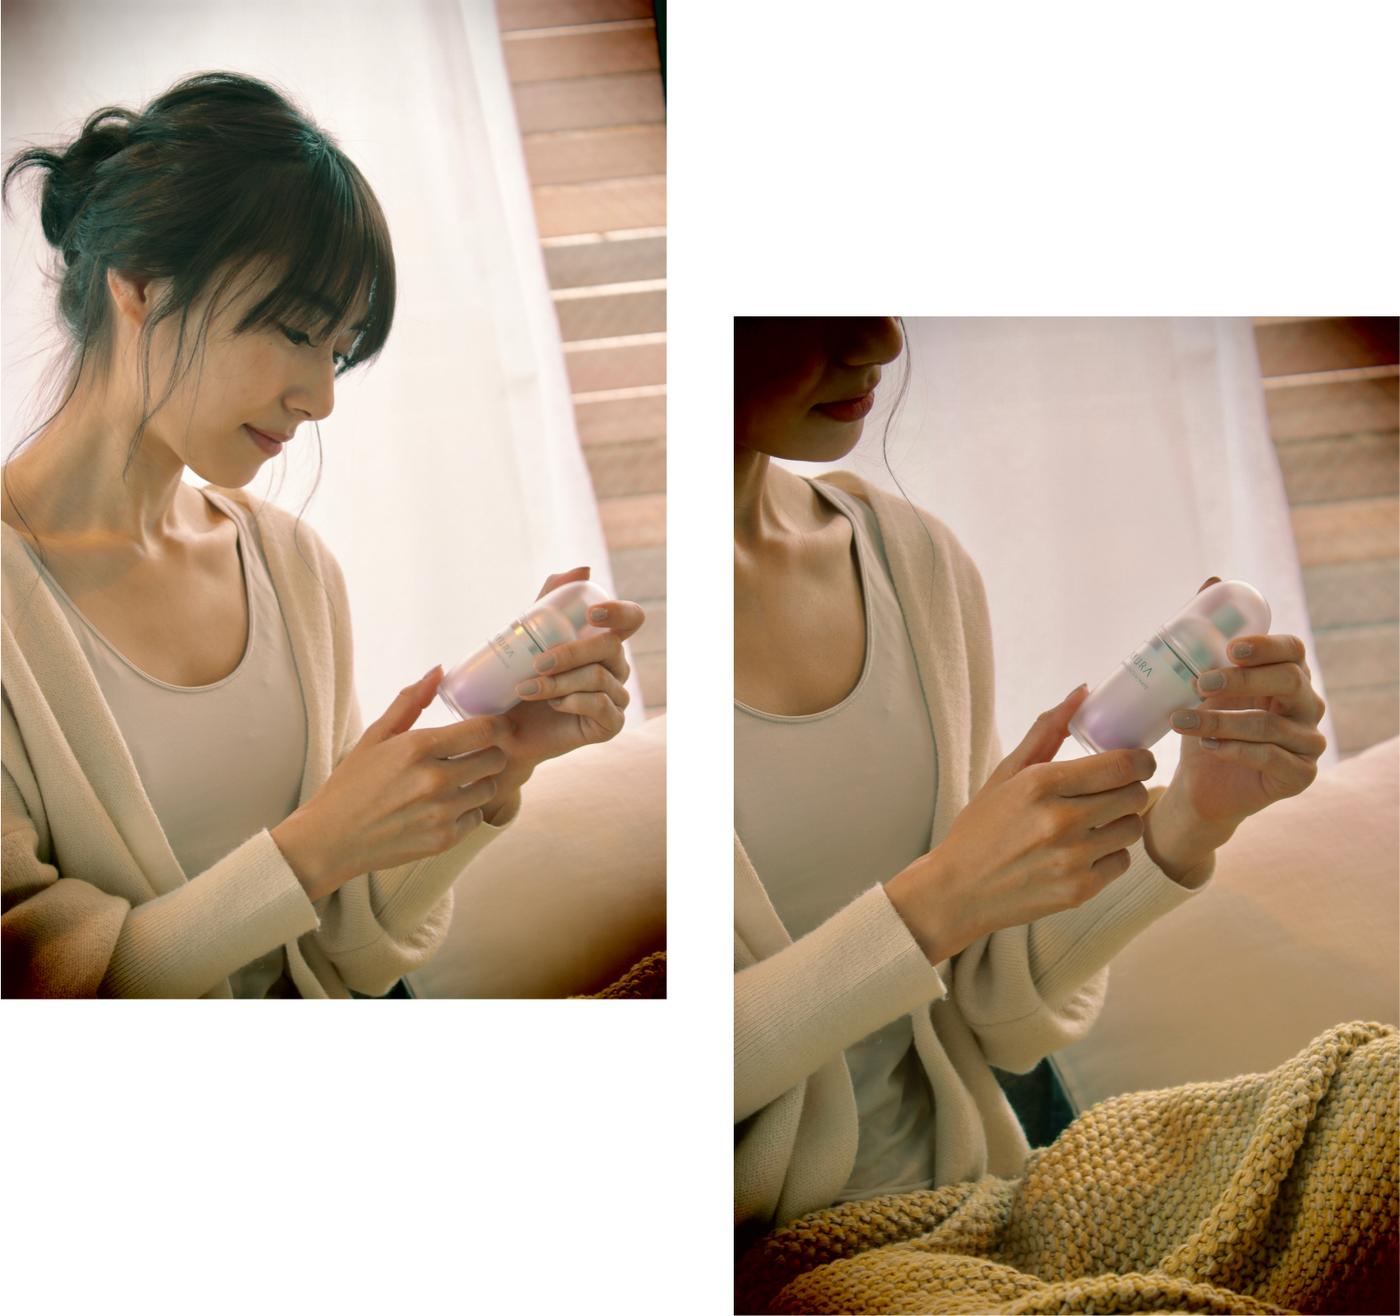 ゆらぎ肌にご褒美を。アユーラの美容液で叶える心地よいスキンケアの3枚目の画像